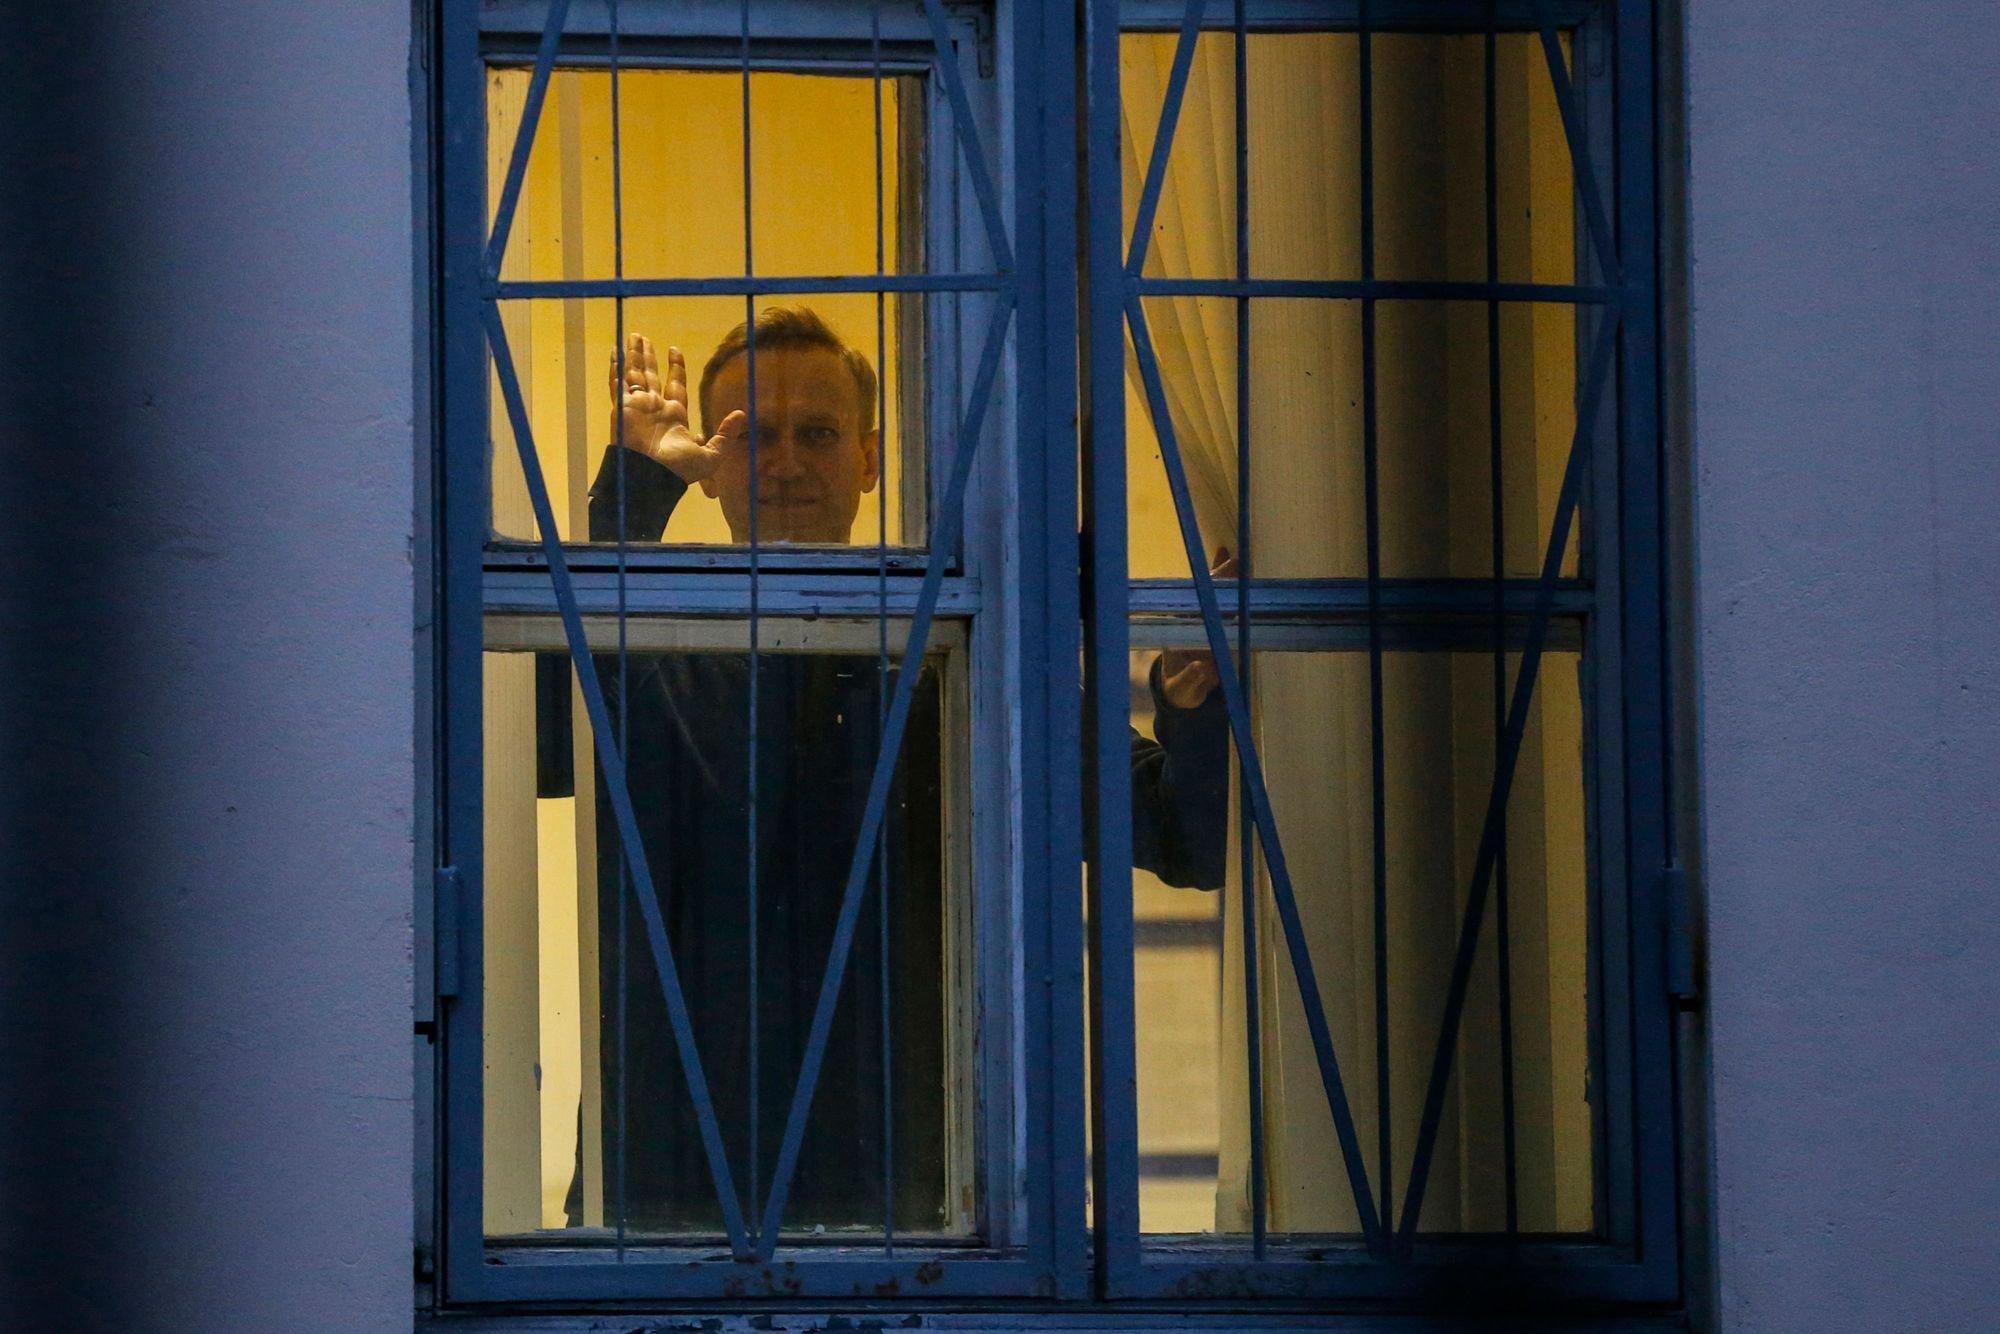 ΕΕ: Η απόρριψη της υποψηφιότητας του Αλεξέι Ναβάλνι εγείρει σοβαρές αμφιβολίες για τον πολιτικό πλουραλισμό στη